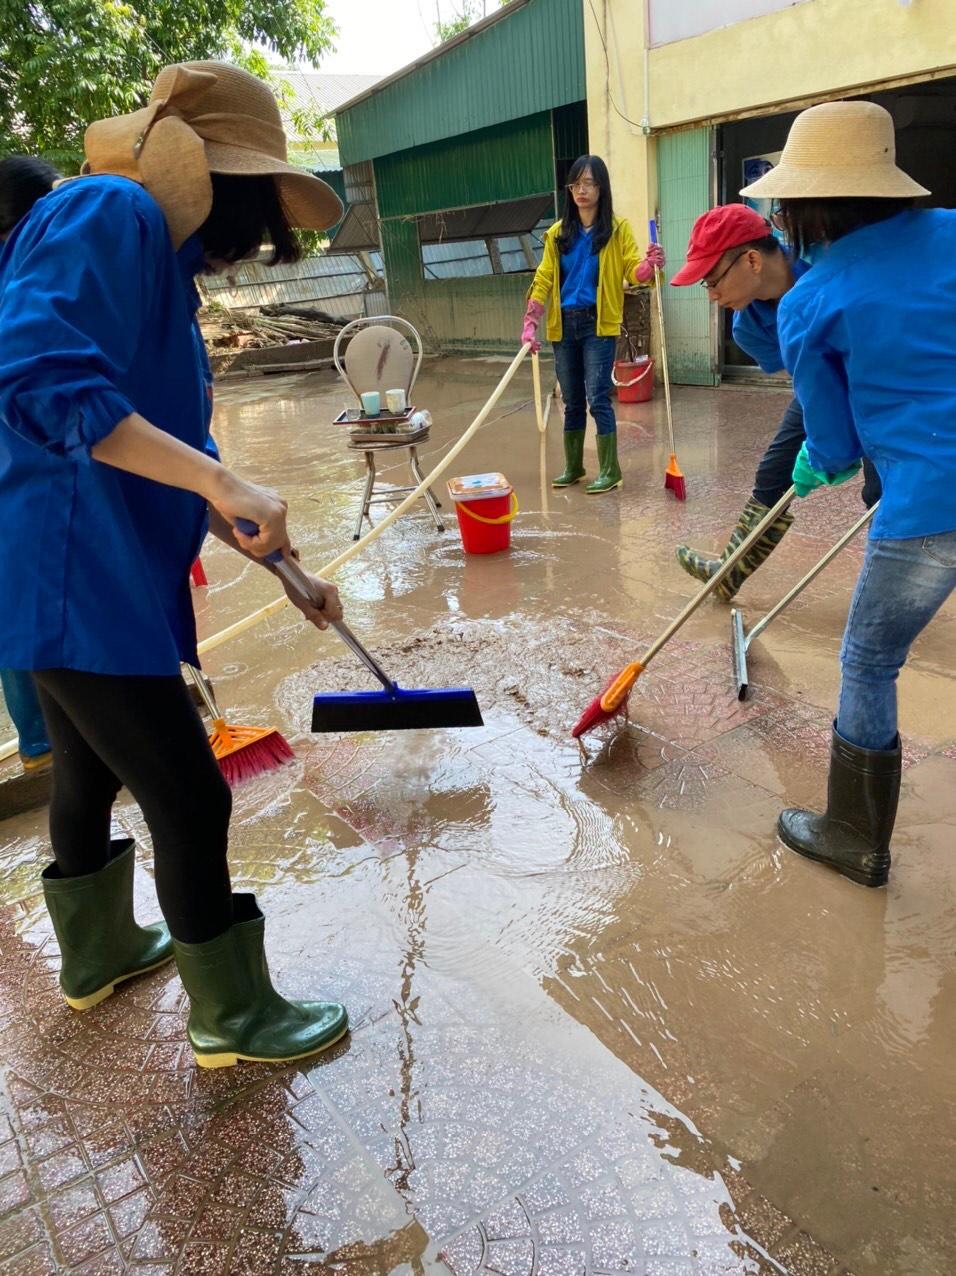 Đoàn thanh niên Ngân hàng Nhà nước Chi nhánh tỉnh Hà Tĩnh chung tay phòng, chống, hỗ trợ, khắc phục hậu quả do mưa lũ gây ra